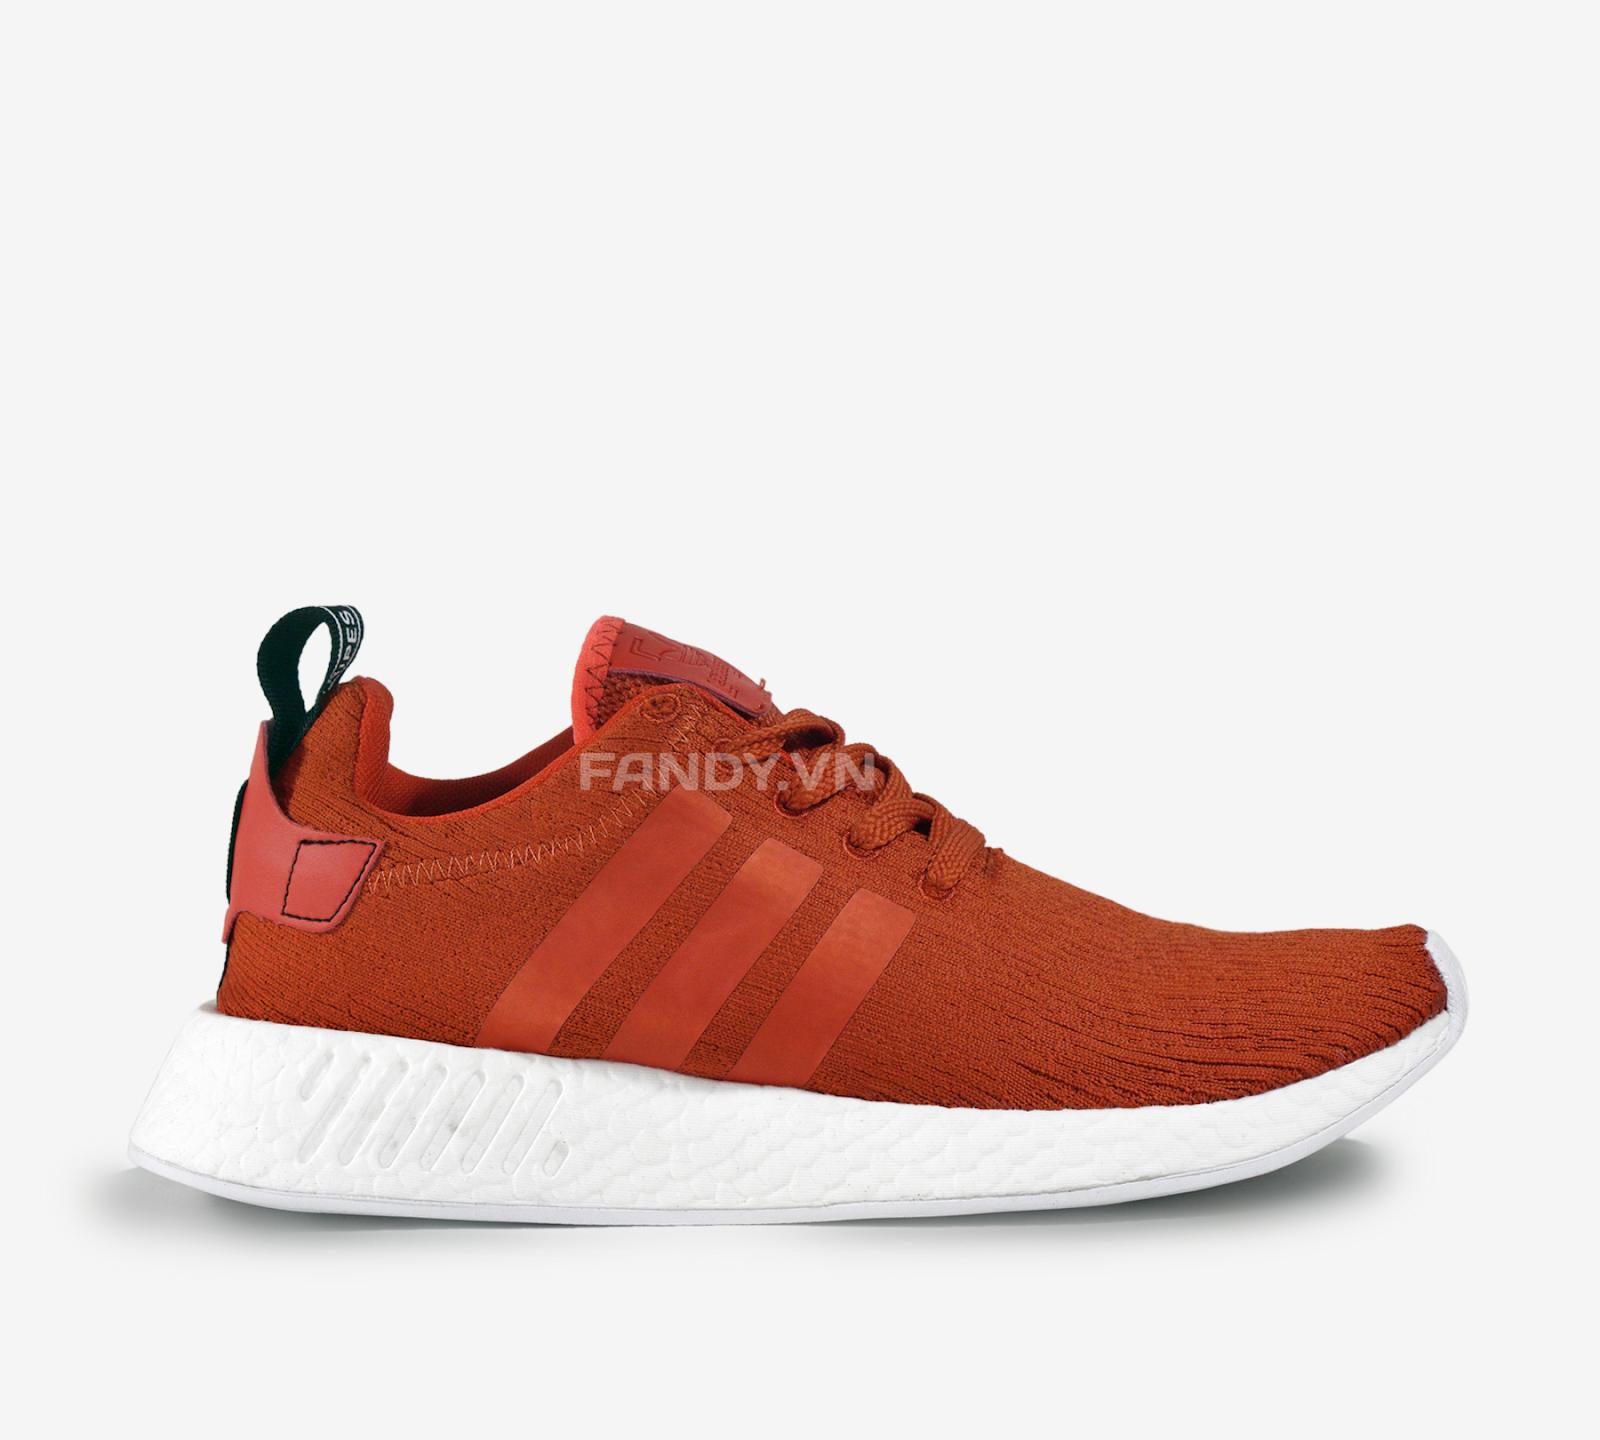 Giày adidas màu đỏ giá rẻ các bạn đã biết